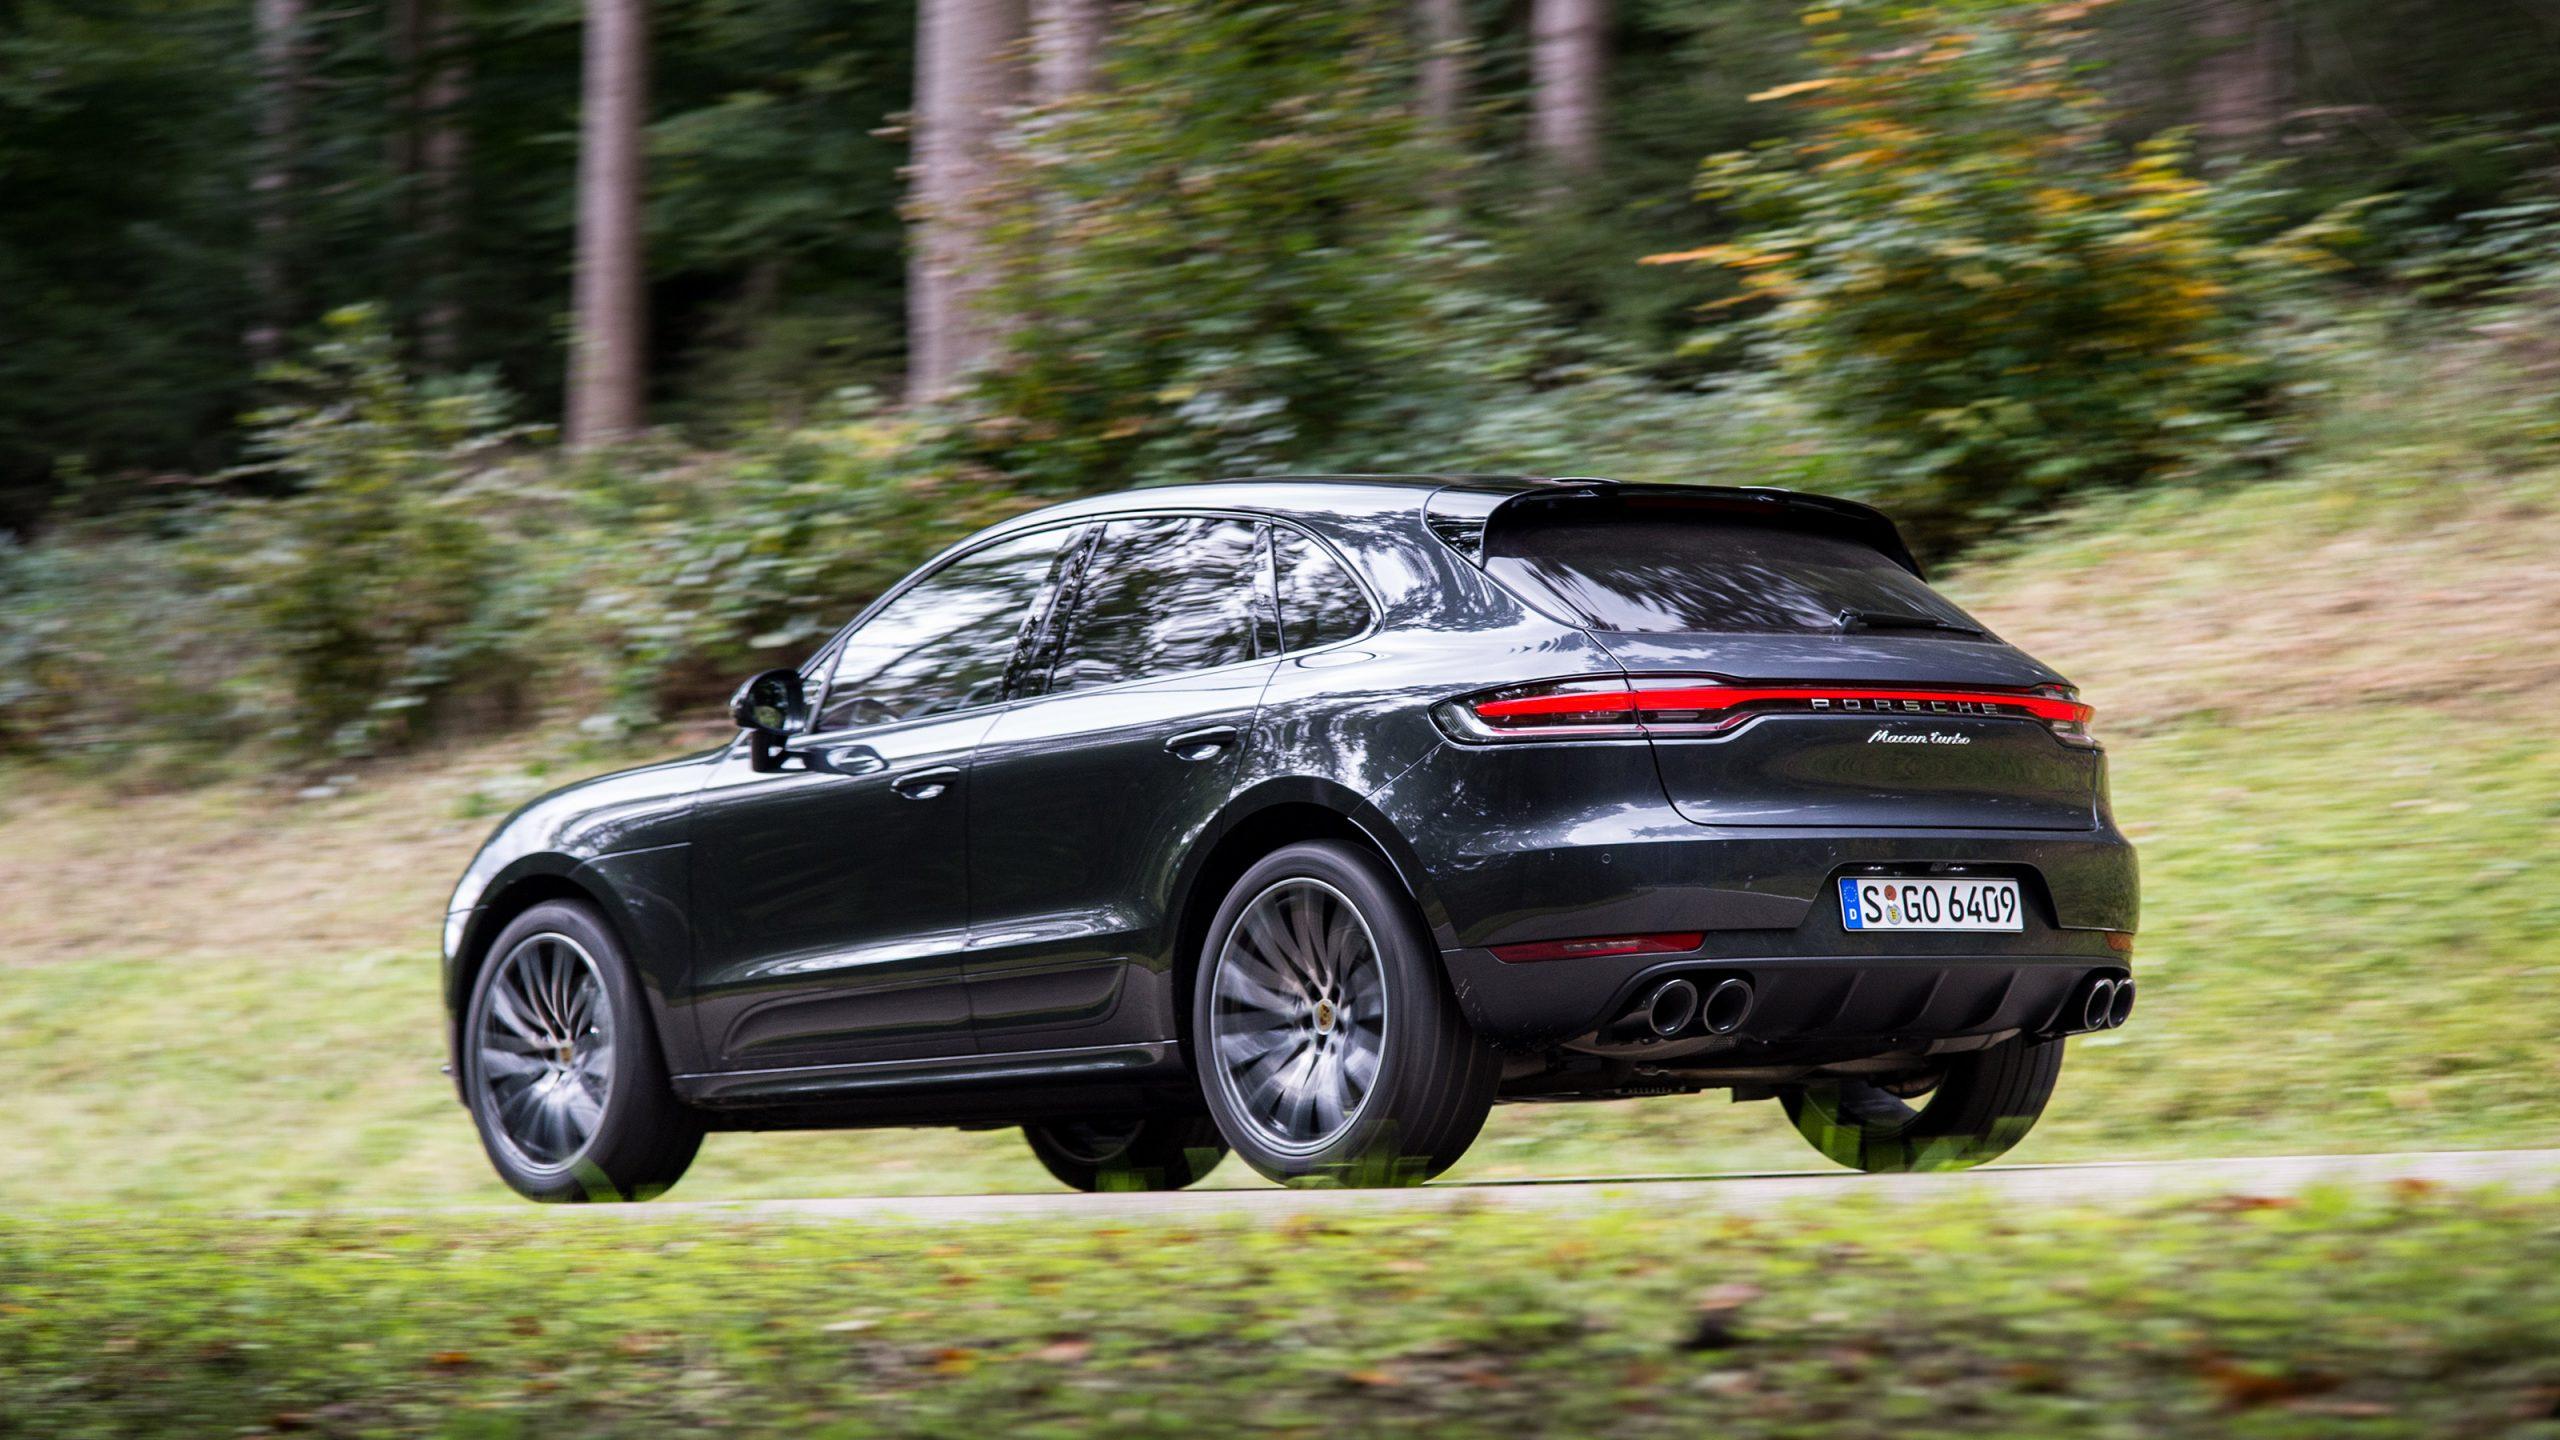 Porsche Macan è il modello più venduto della gamma Porsche con il 38% di quota di mercato interno